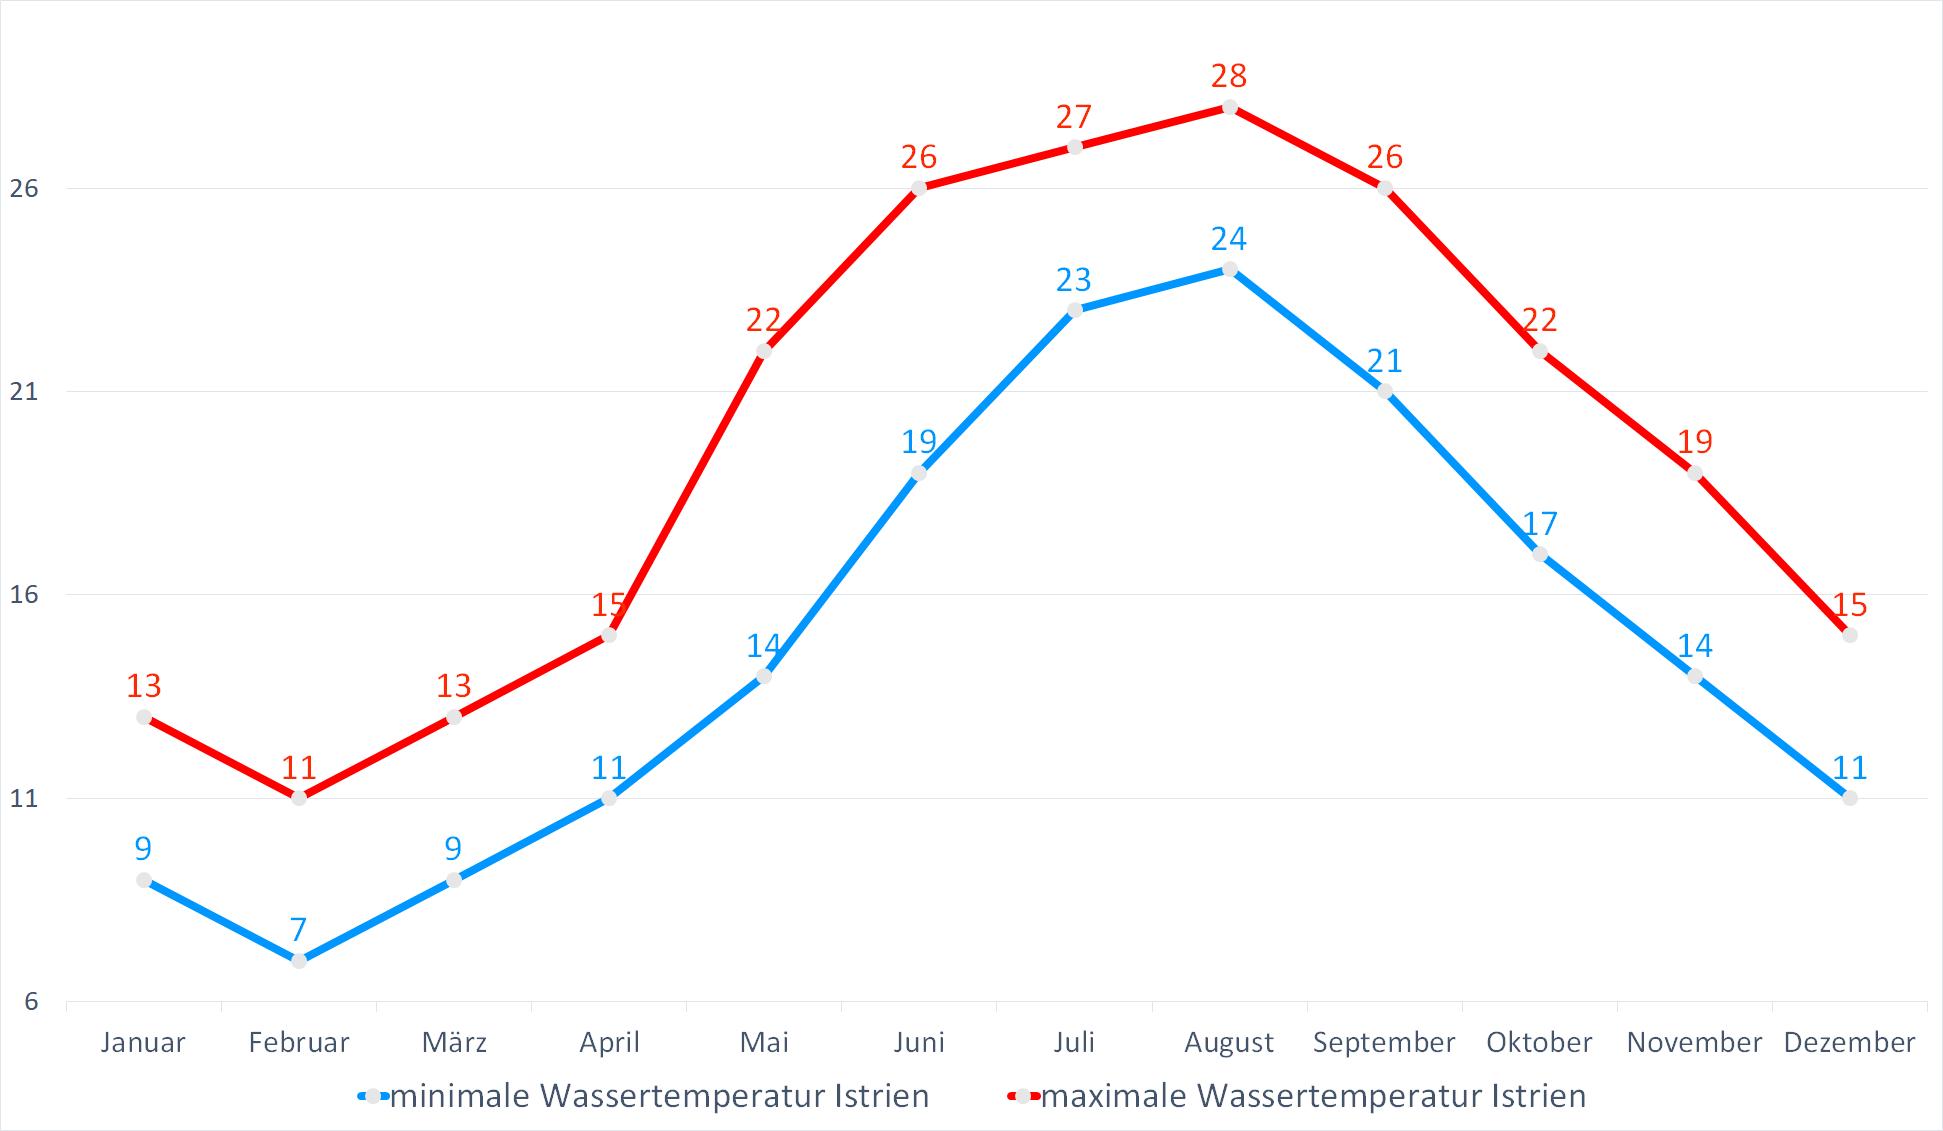 Minimale & Maximale Wassertemperaturen für Istrien im Jahresverlauf